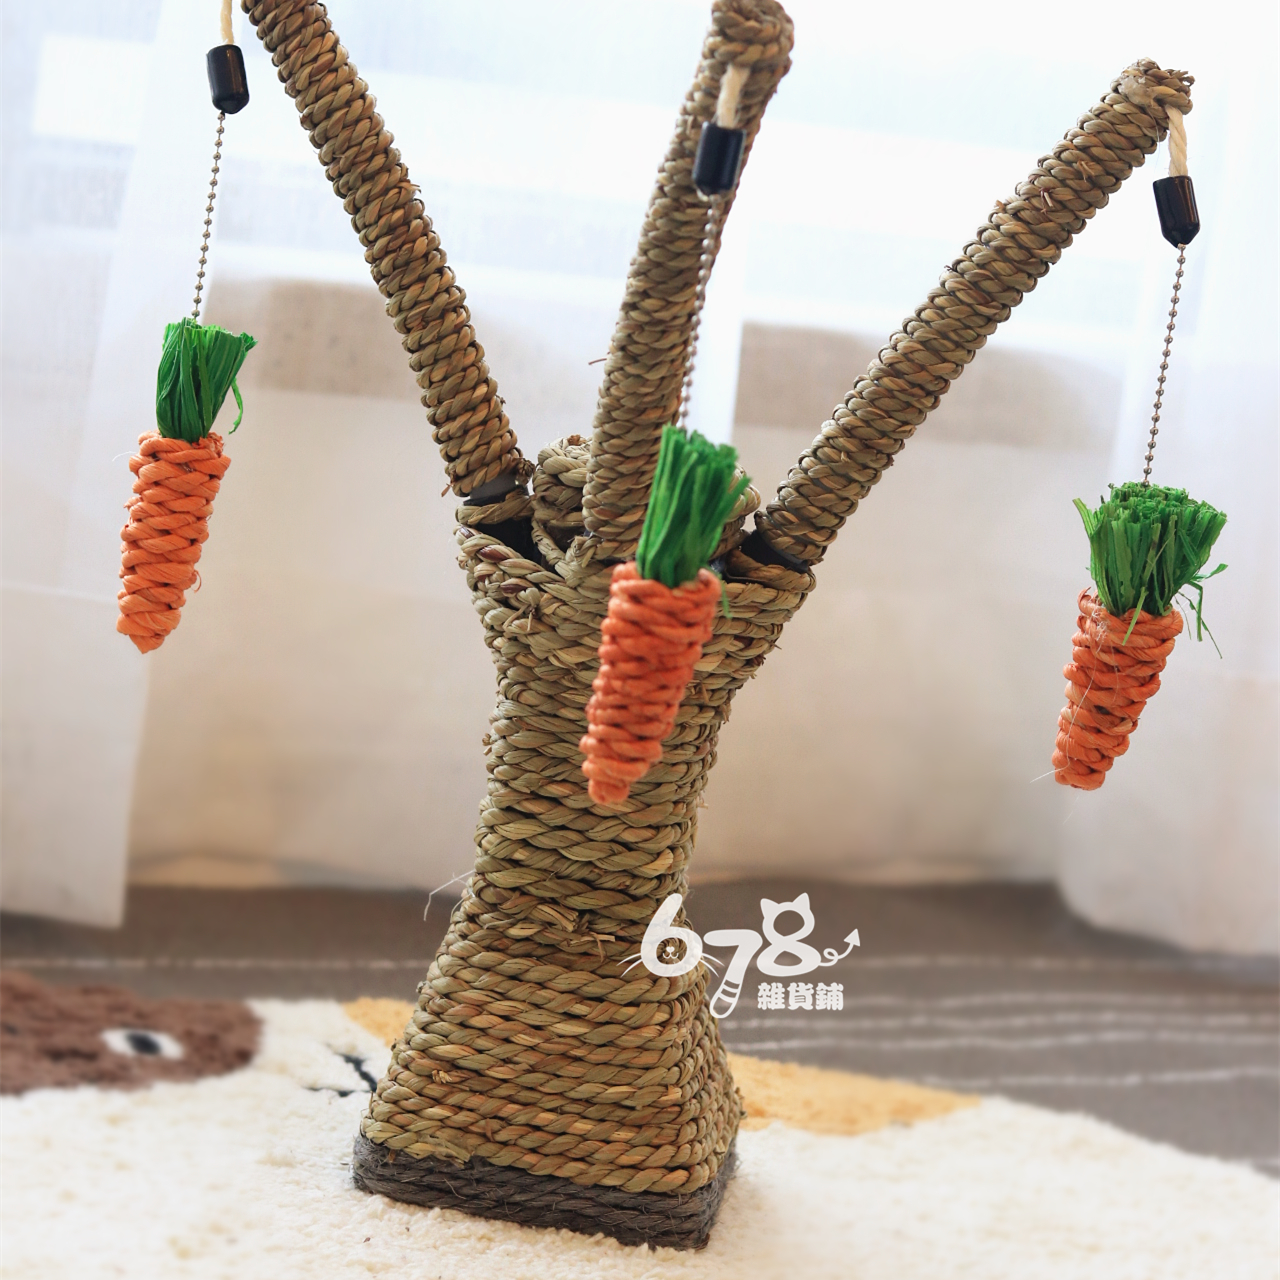 Превышать милый кот. мельница коготь игрушка меч конопля китти статьи кот поймайте такт подъем полка кот дерево кот гнездо коты улов колонка морковь